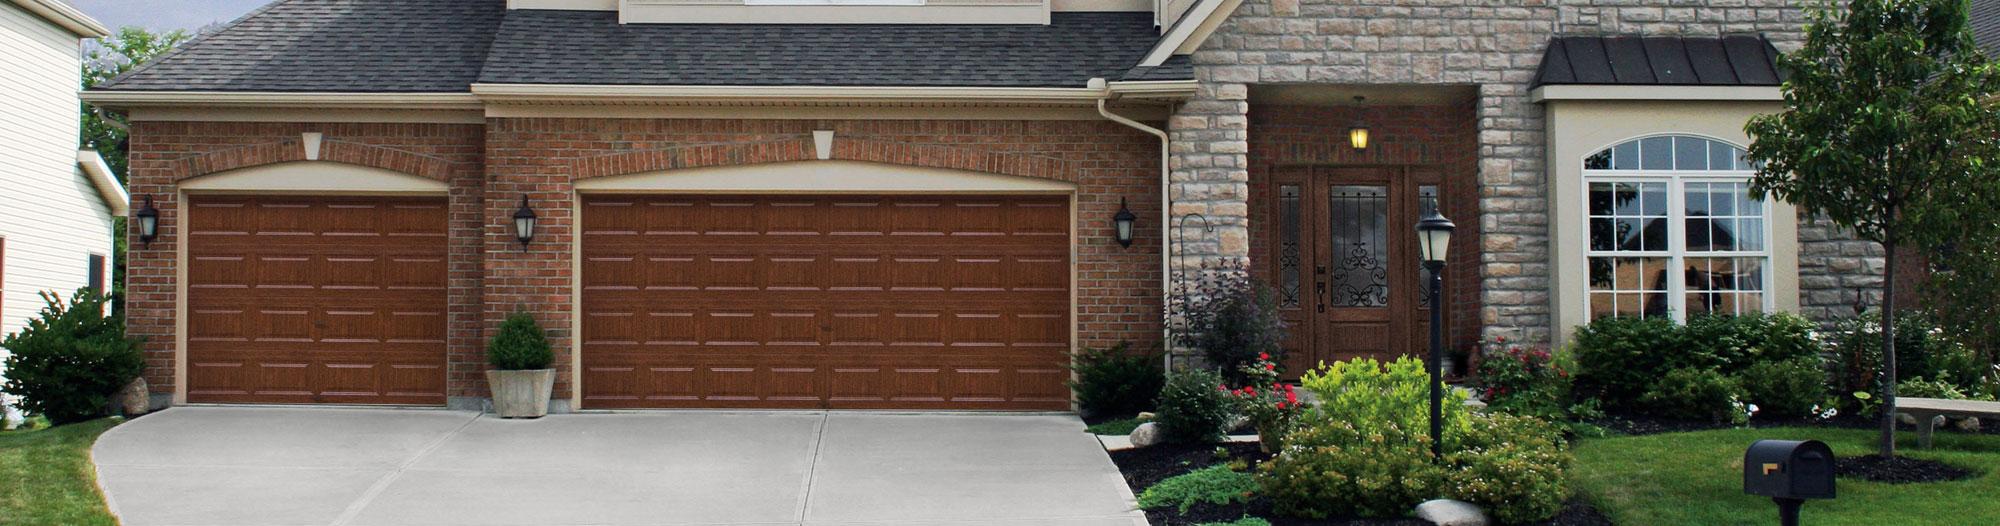 Overhead Door Protection : How to increase garage door security quality overhead